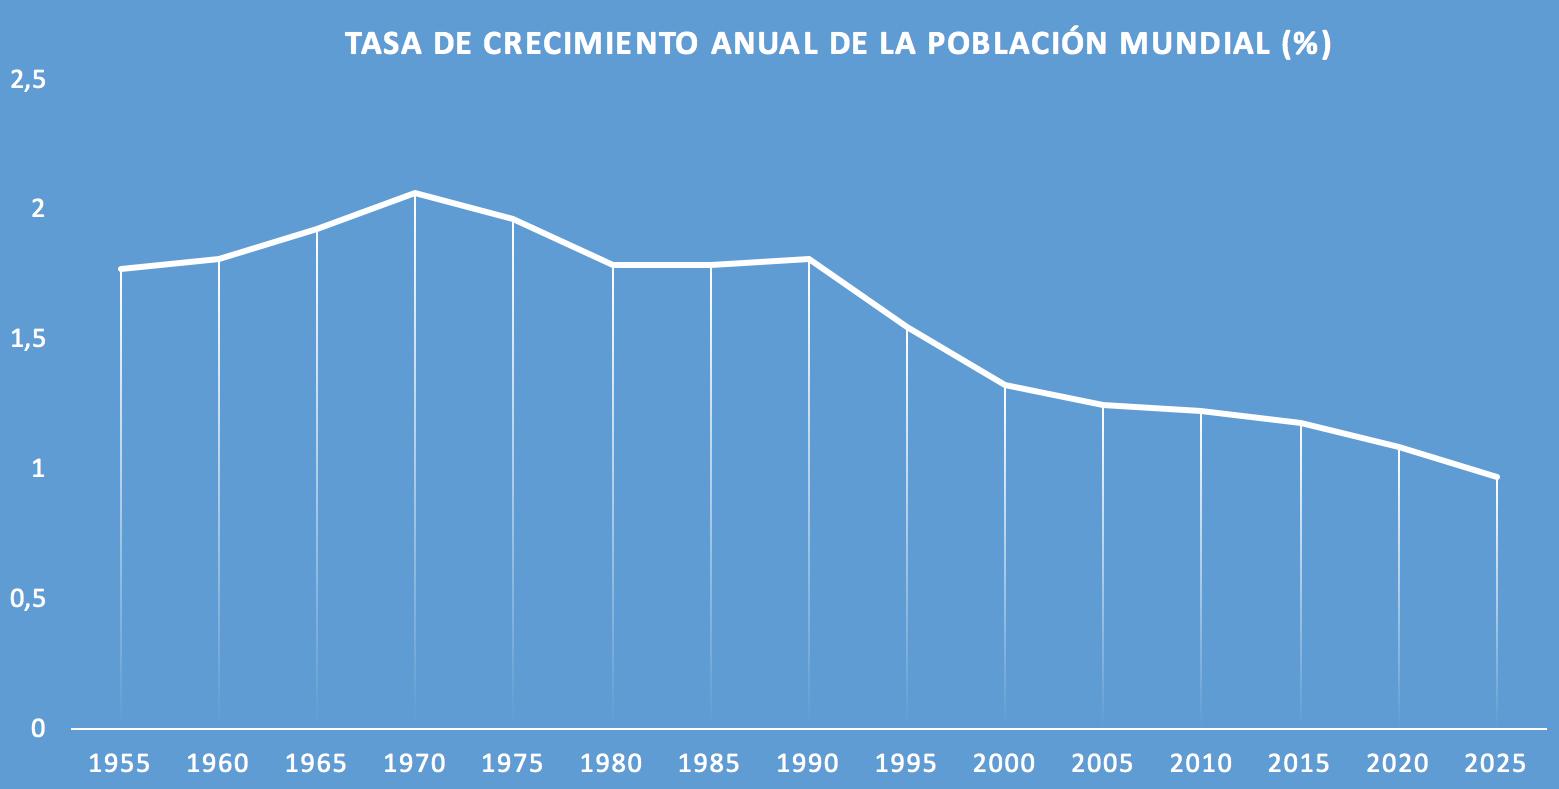 1-Tasa-crecimiento-poblacion-mundial.png